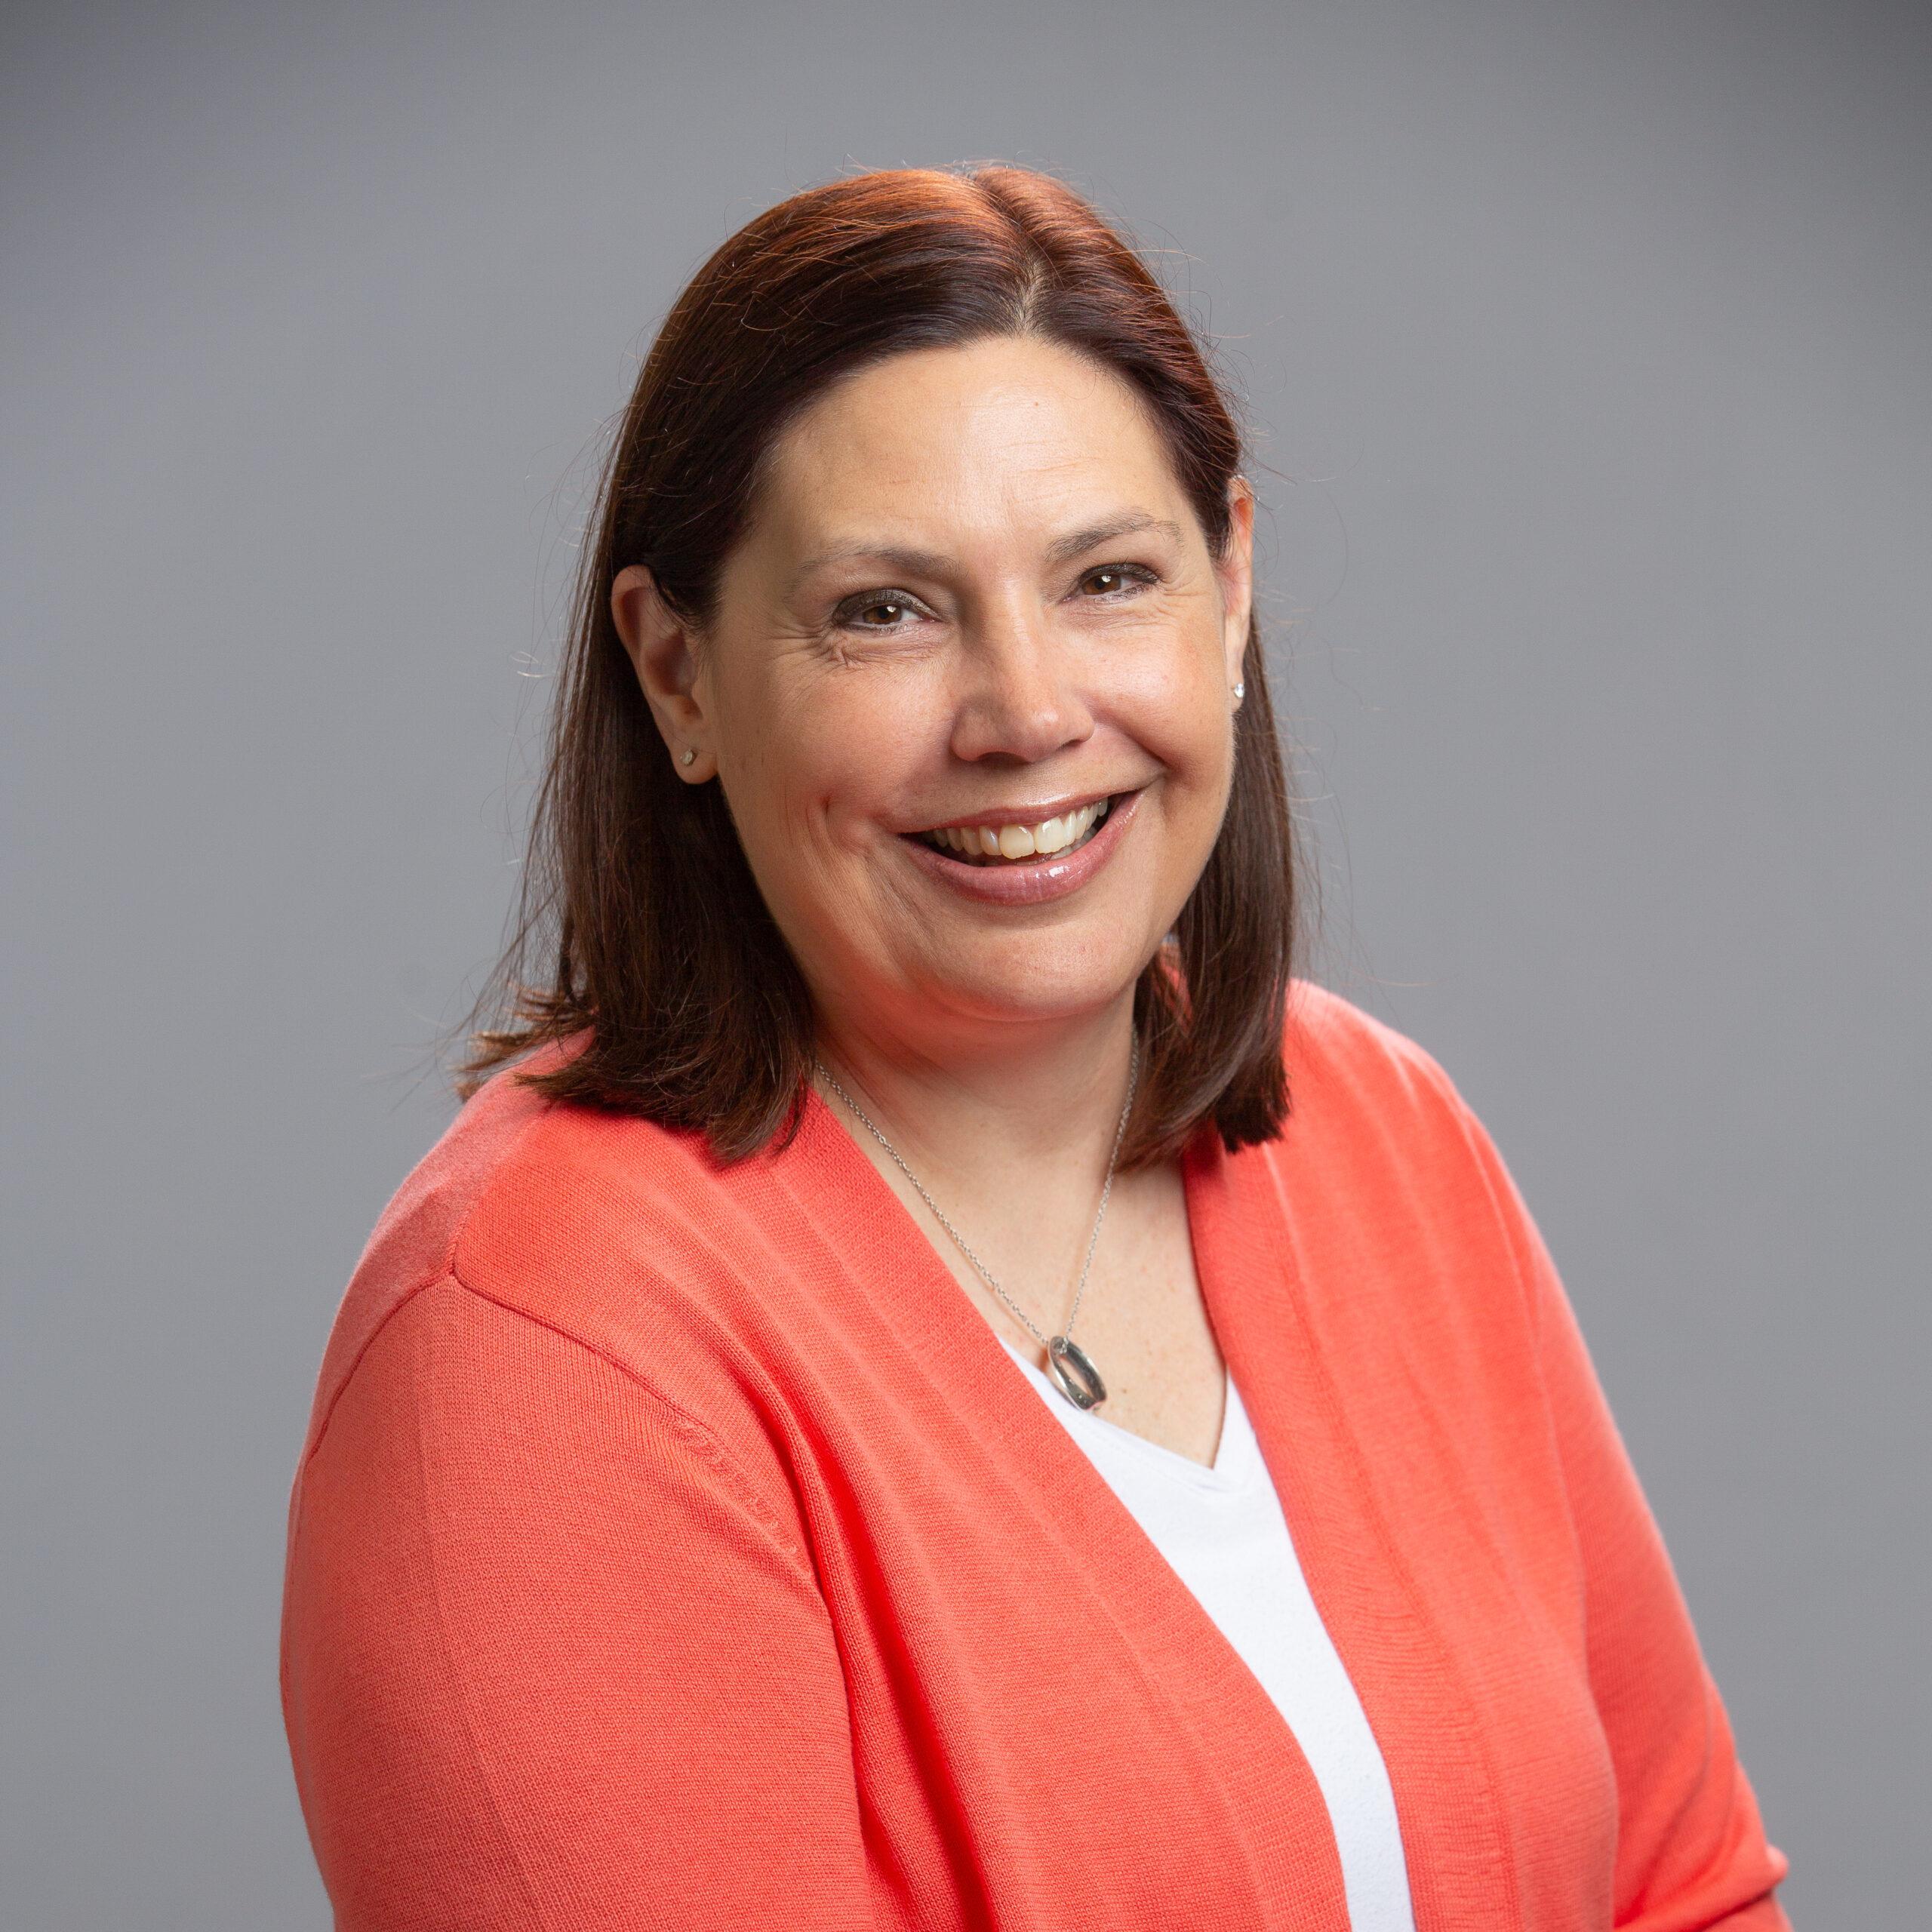 Melanie Boetel